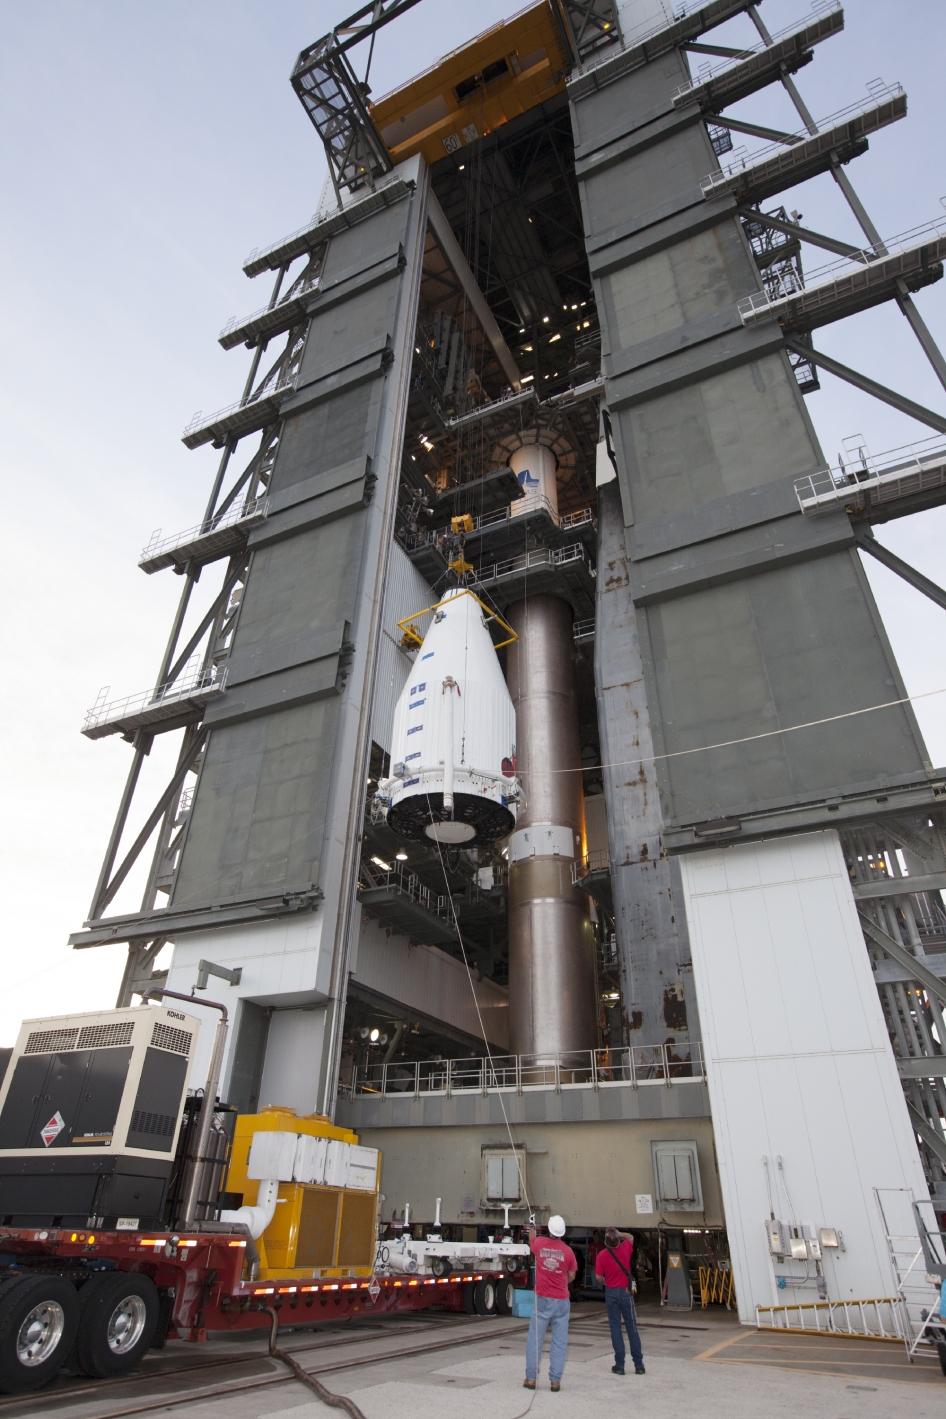 MAVEN Spacecraft Positioned Atop Atlas V Rocket | NASA